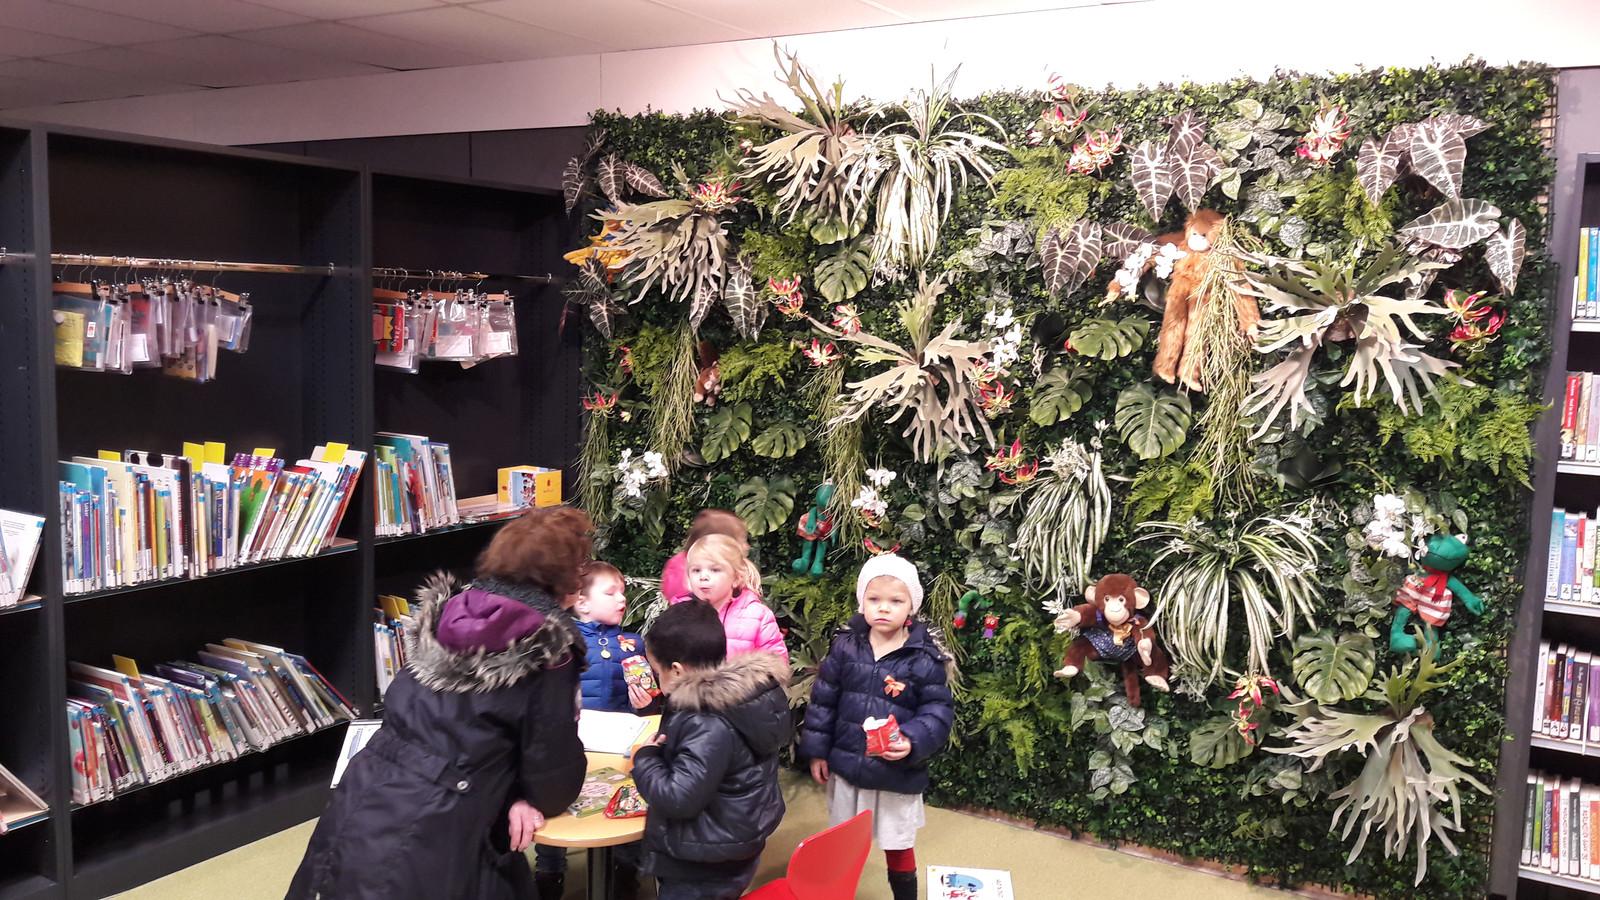 De pop-up bibliotheek in Schijndel werd ingericht door 'bloemenkunstenaar' Geert Maas.